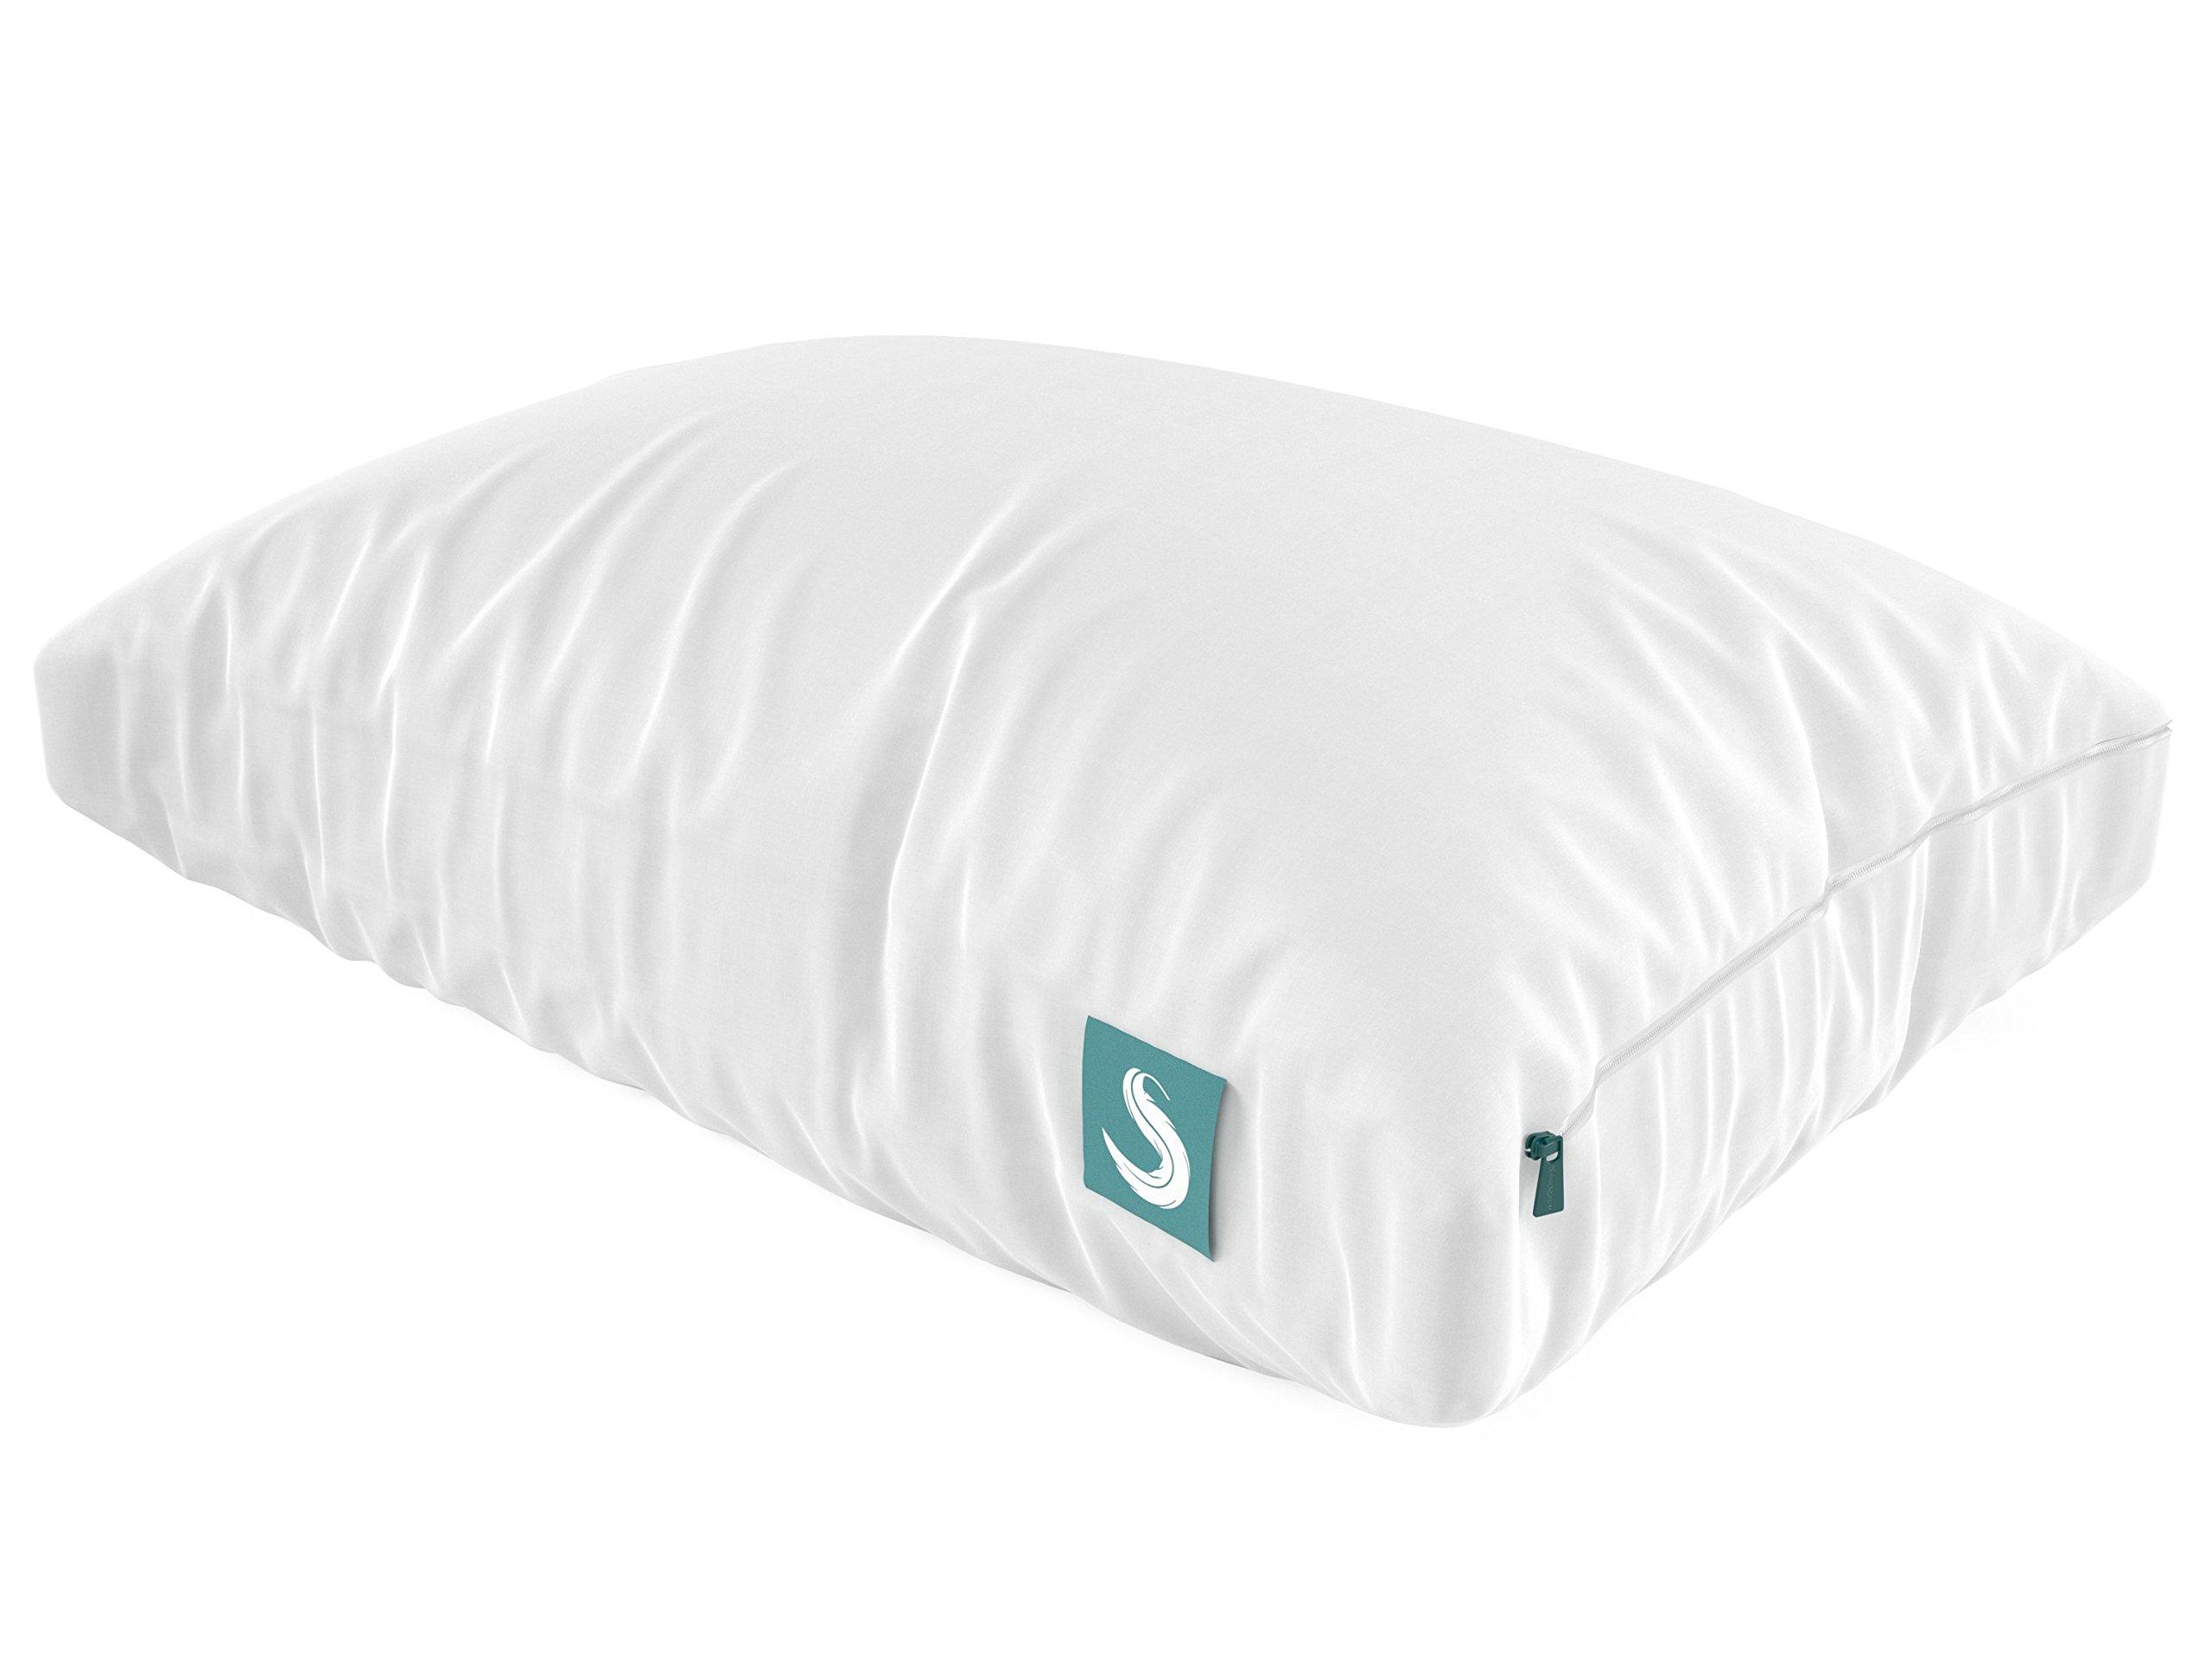 Sleepgram Pillow Adjustable Hypoallergenic Microfiber